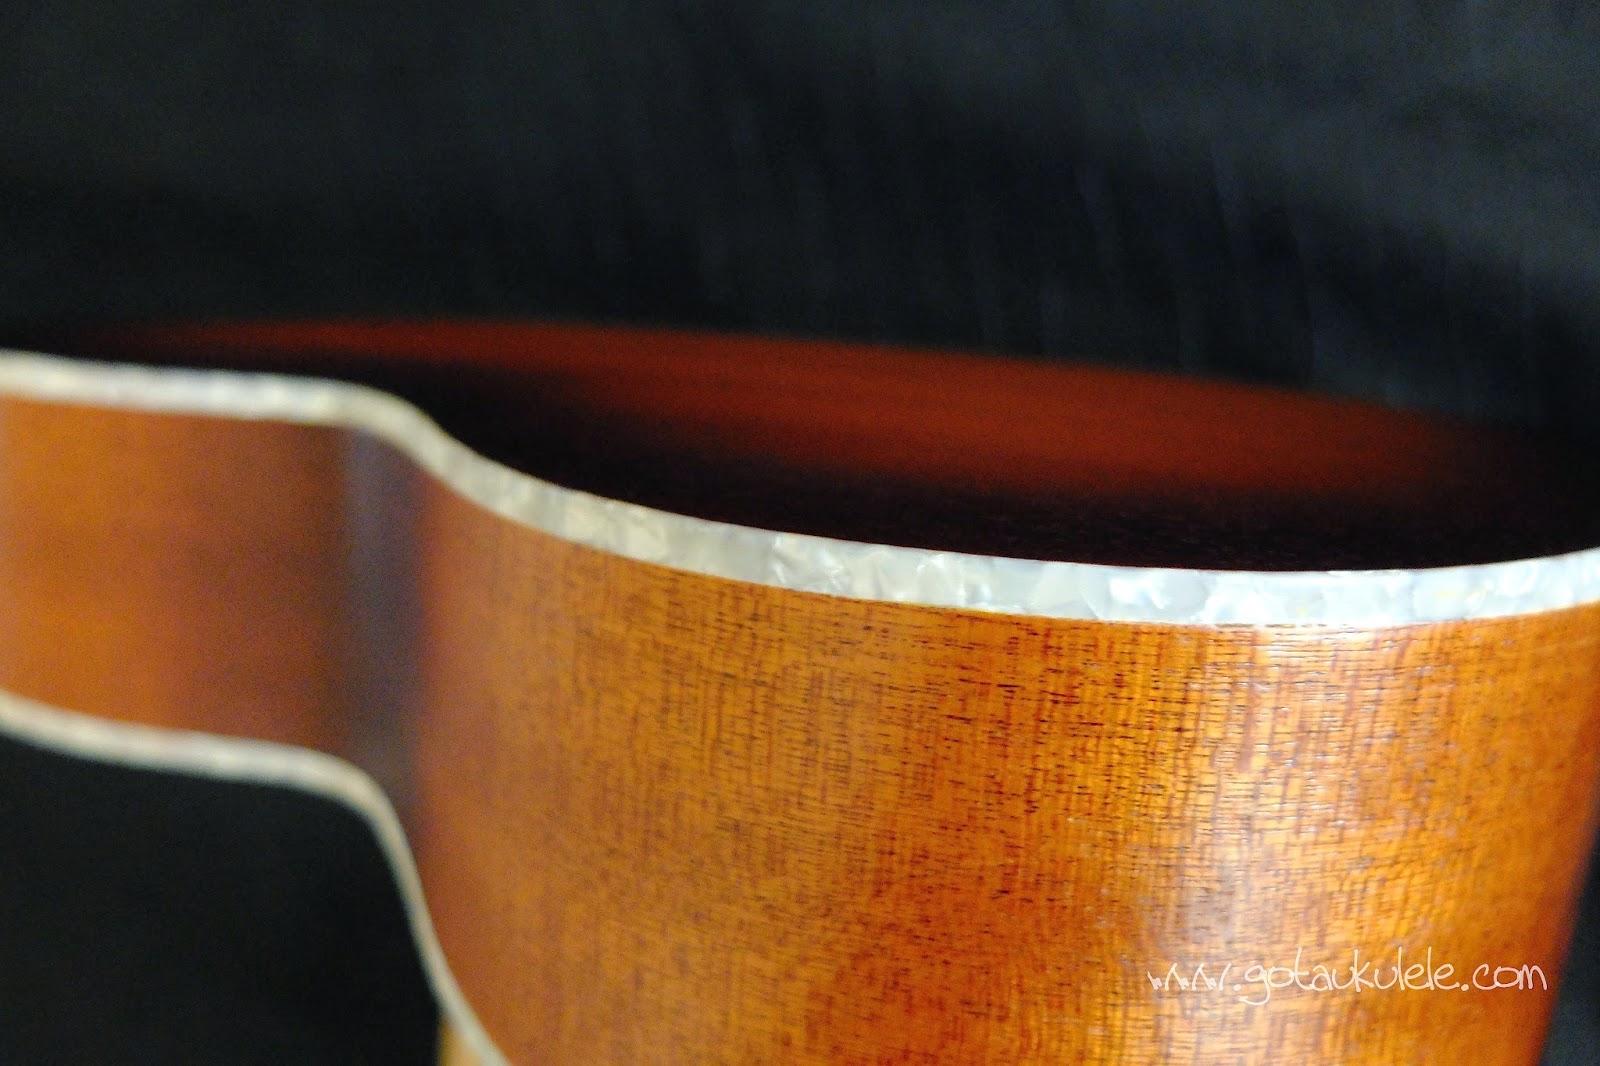 Kala KA-RES- CHR Tenor Resonator ukulele sides